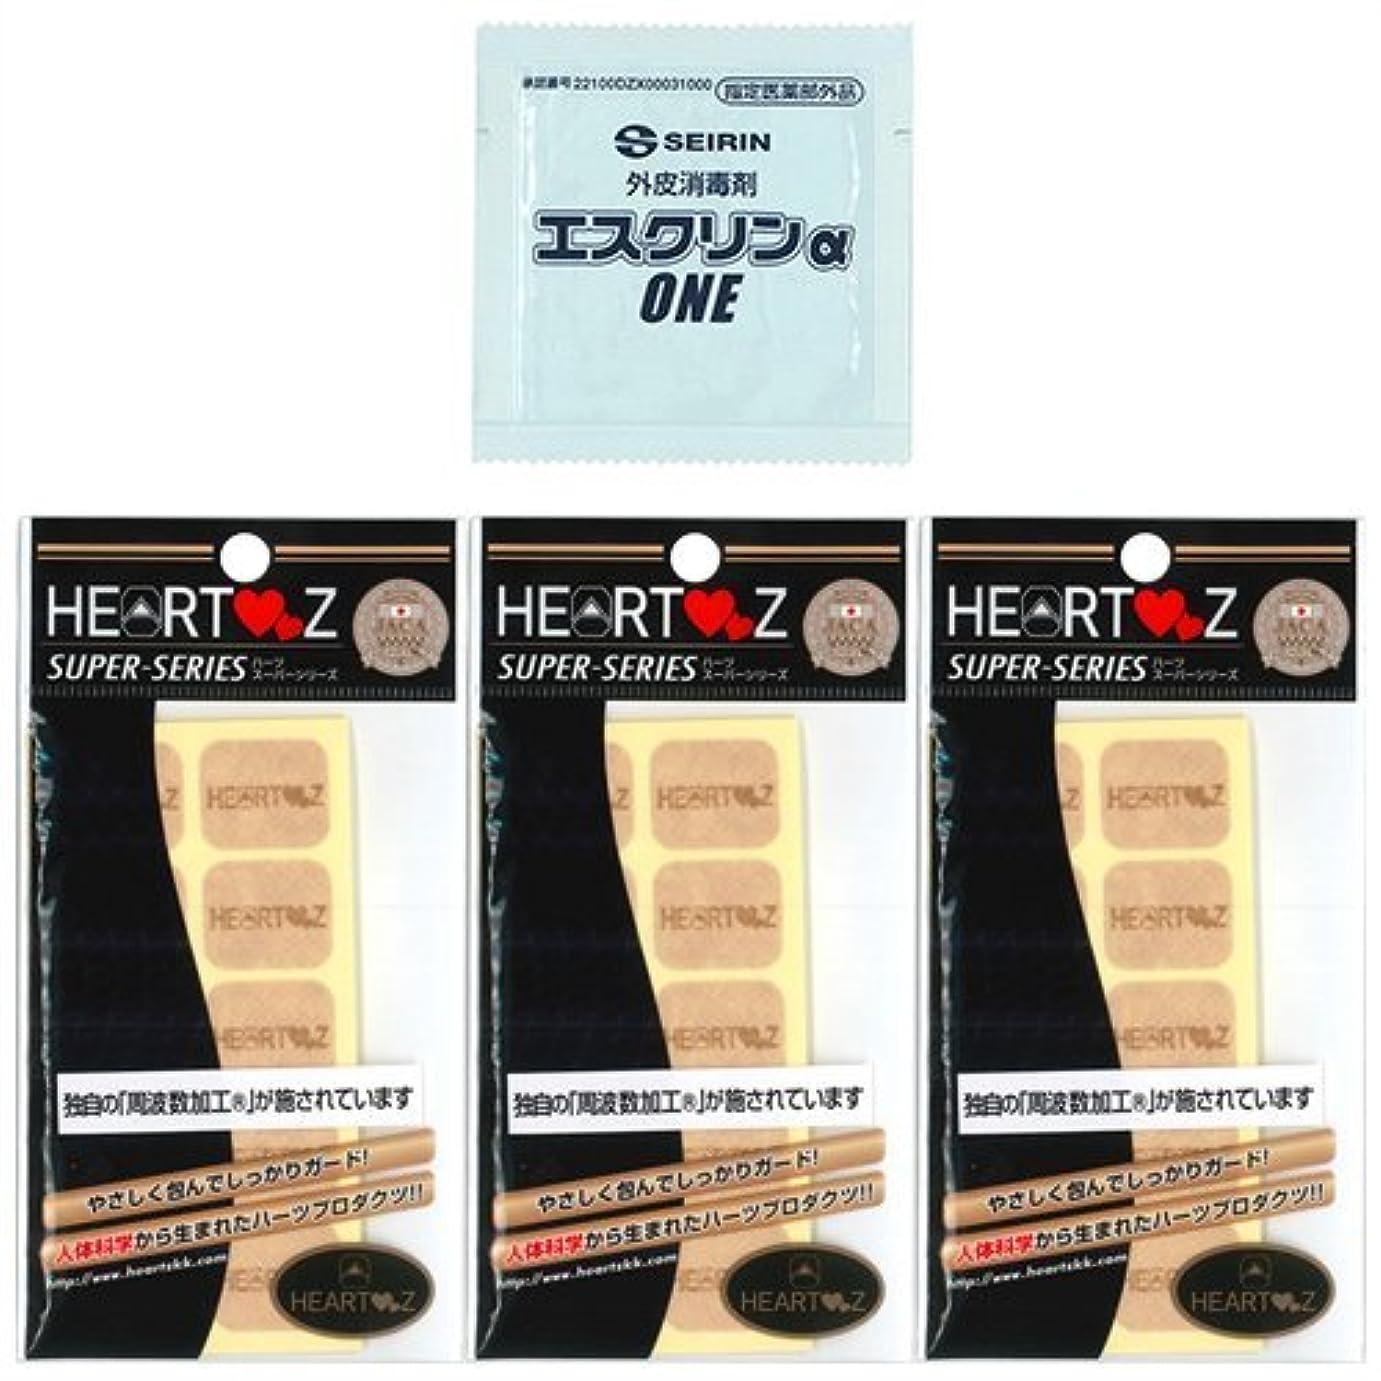 かみそり間違いなく経済的【HEARTZ(ハーツ)】ハーツスーパーシール レギュラータイプ 80枚入×3個セット (計240枚) + エスクリンαONEx1個 セット